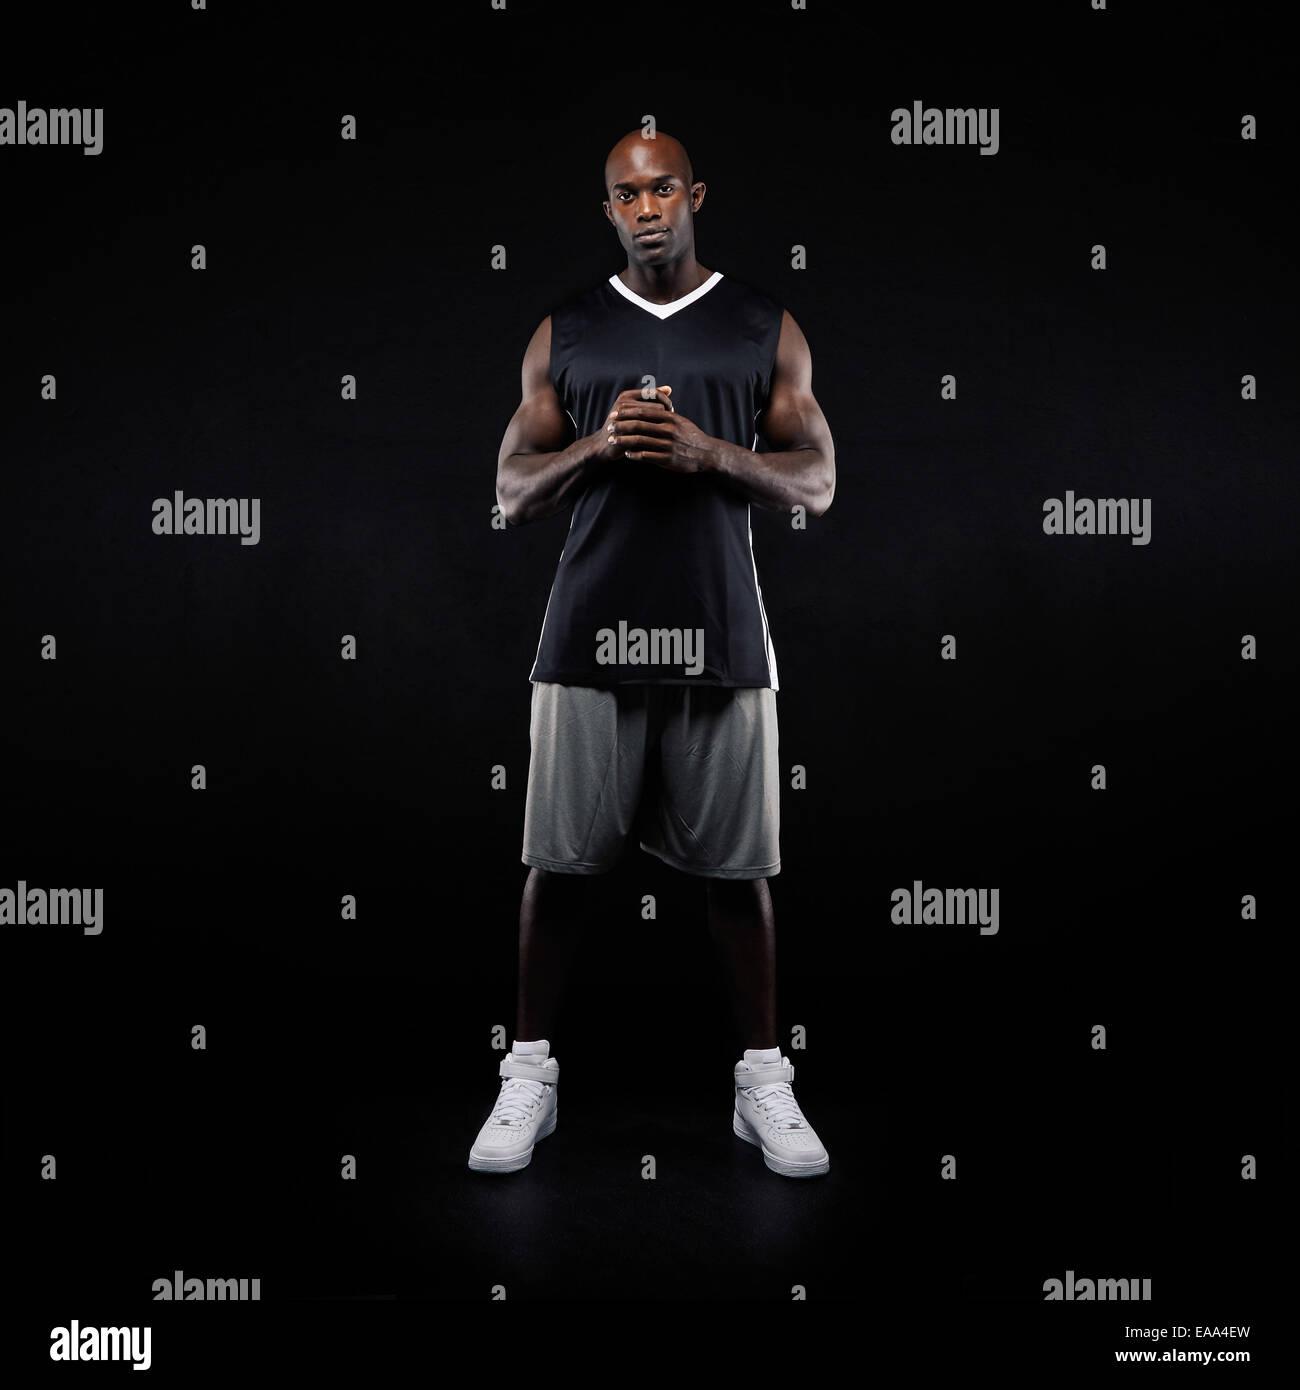 Longueur totale de l'image jeune joueur de basket-ball debout sur fond noir. L'Afrique dans le sport de Photo Stock